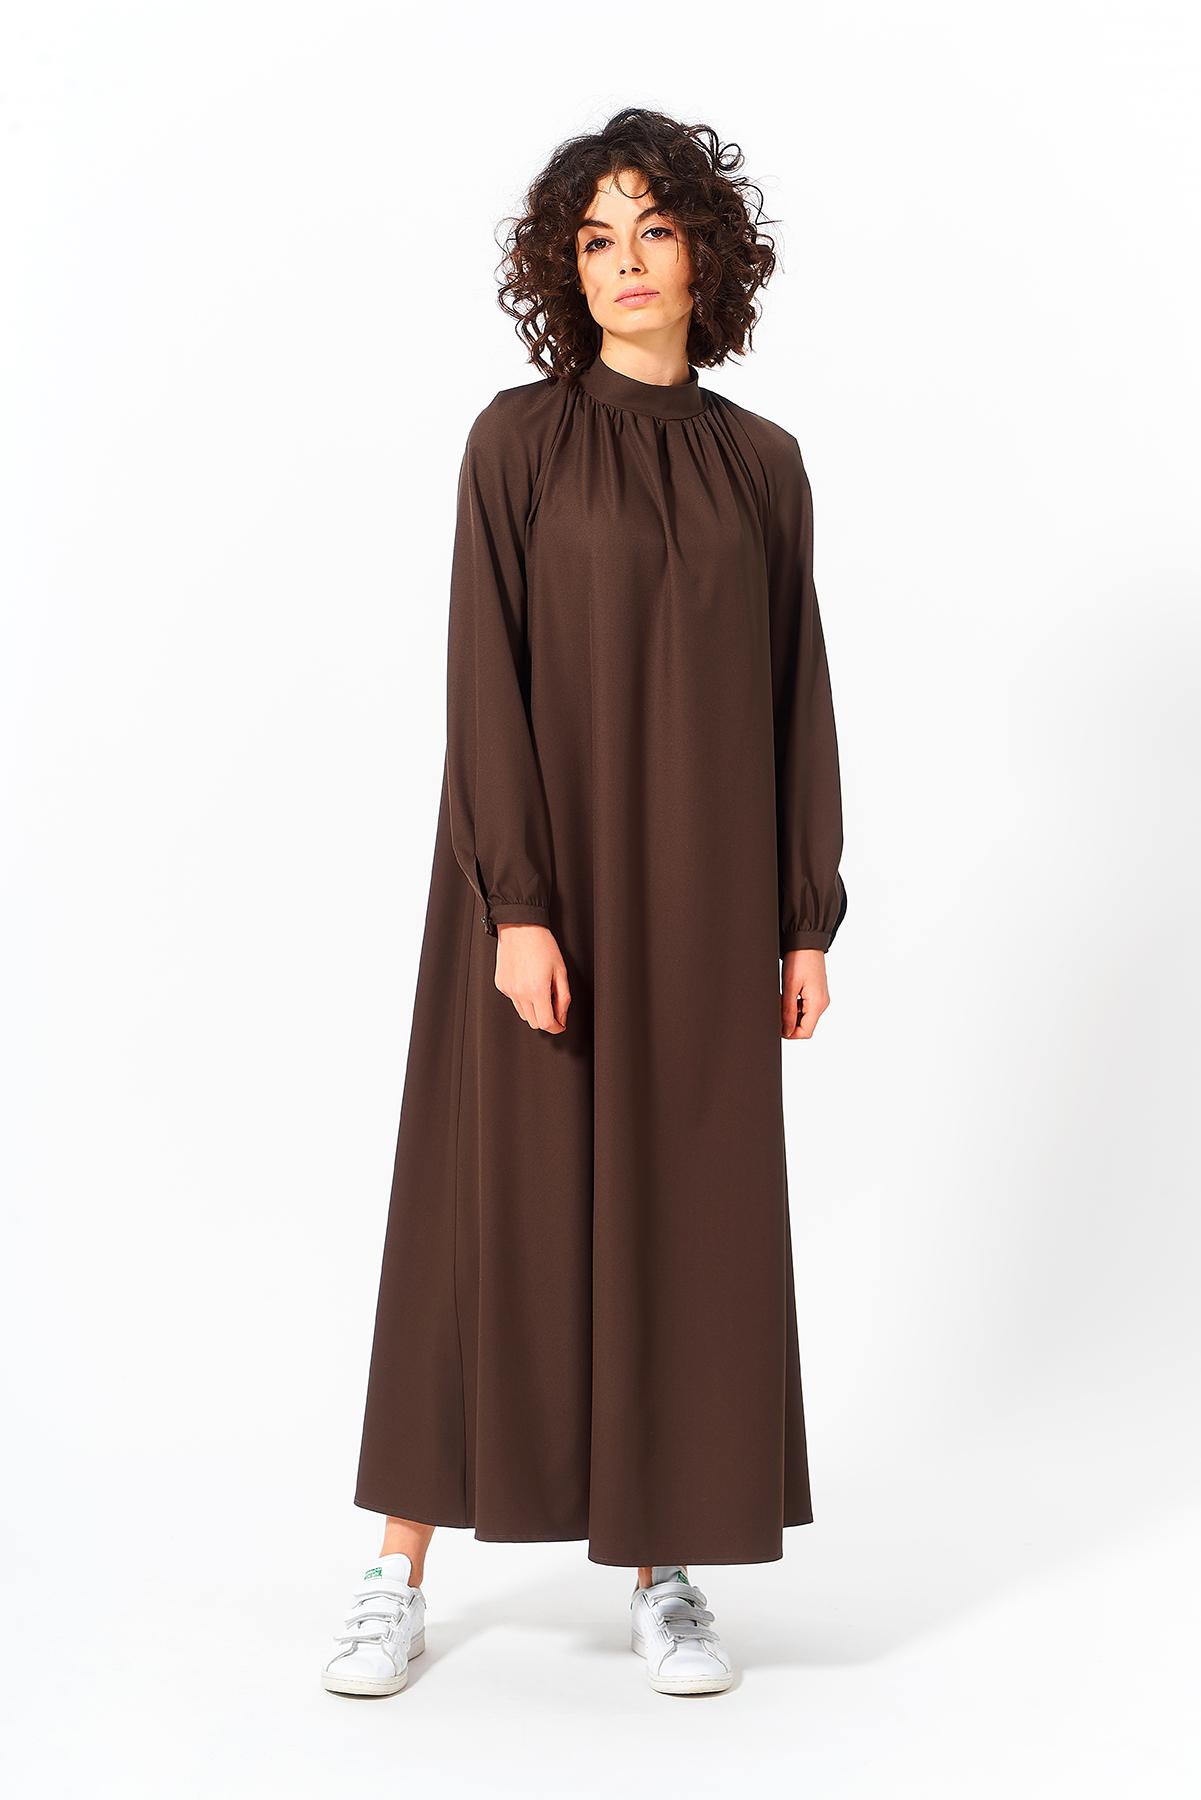 Mevra - Uzun Elbise Haki